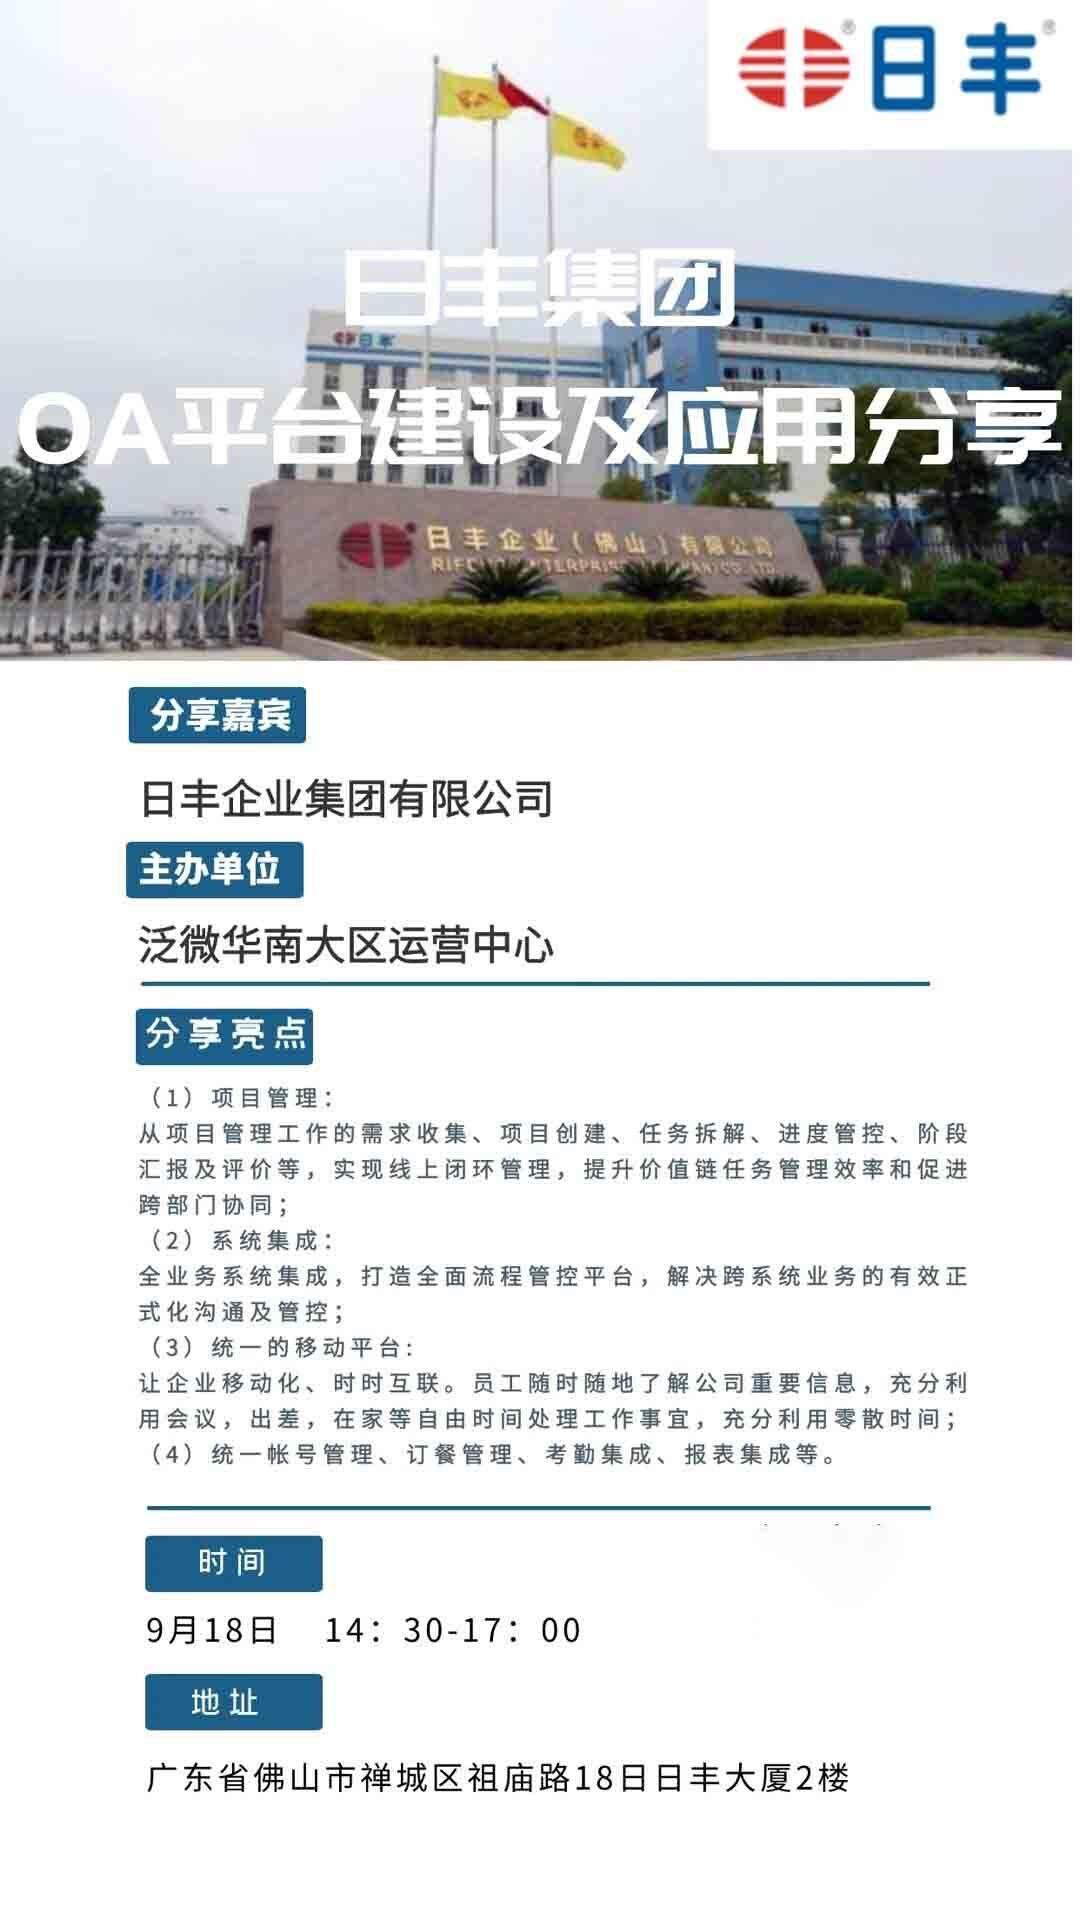 亚美体育官网: 【邀请函】日丰企业团体有限公司的OA应用分享(图1)